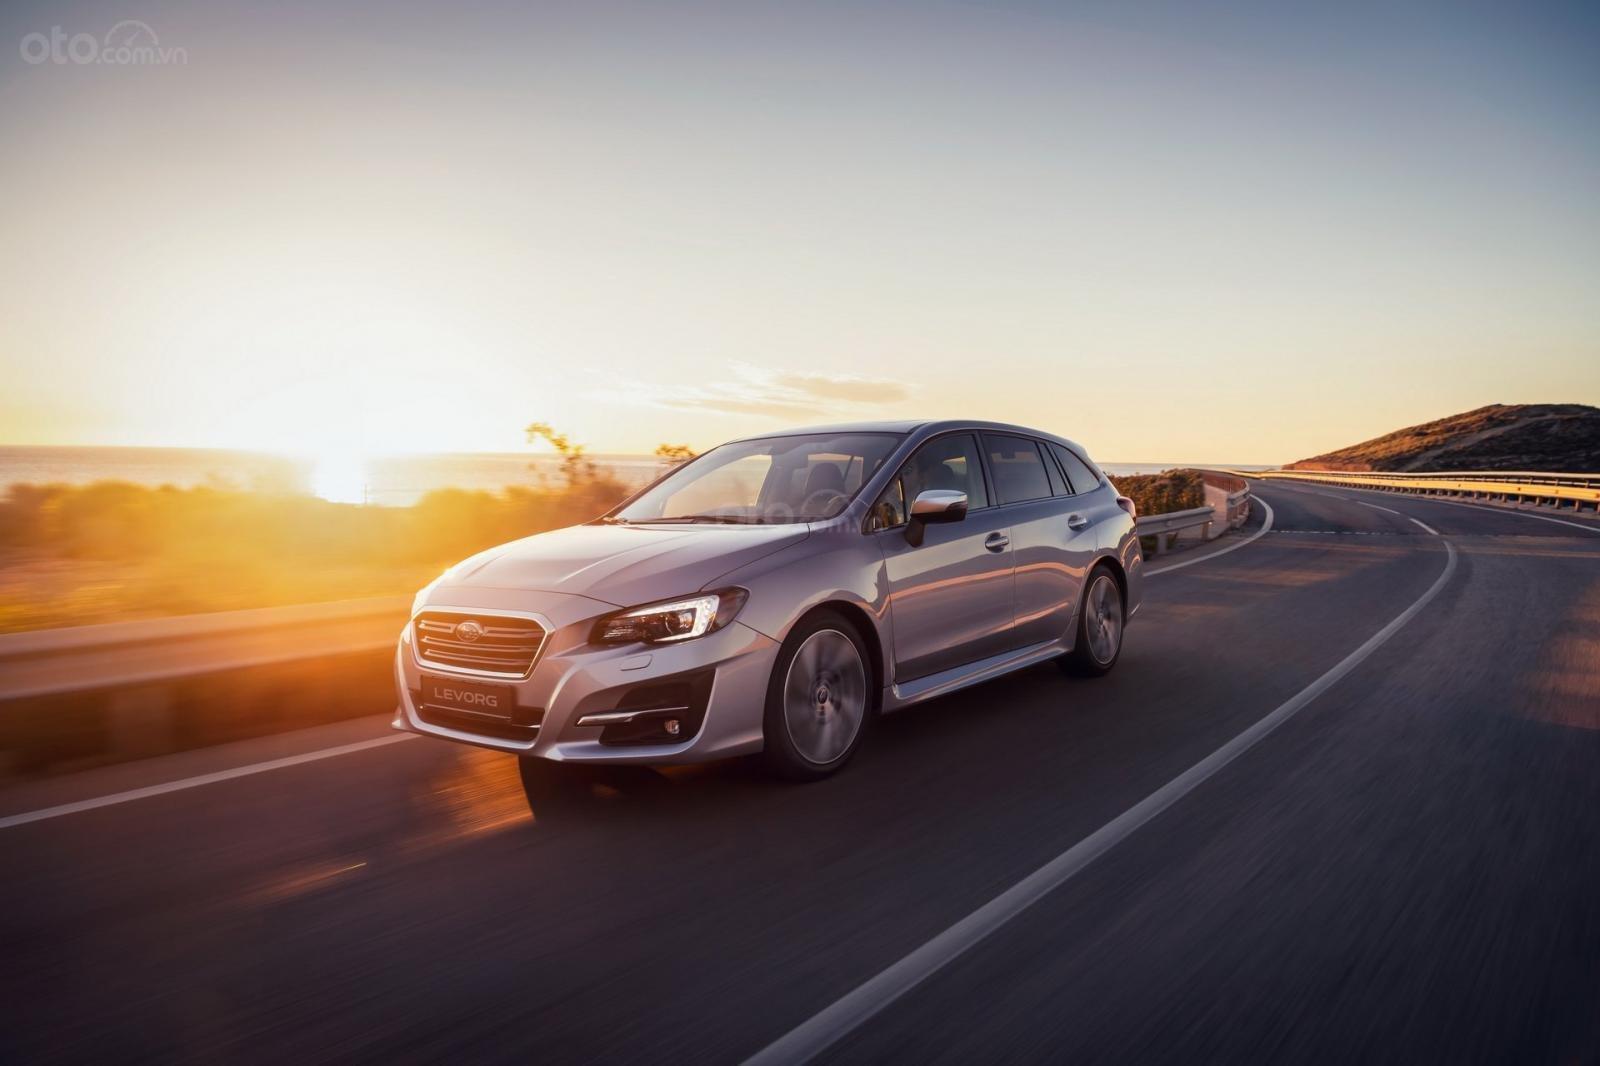 Subaru Levorg 2019 bản Anh chào giá 932 triệu, gắn động cơ xăng 2.0 lít